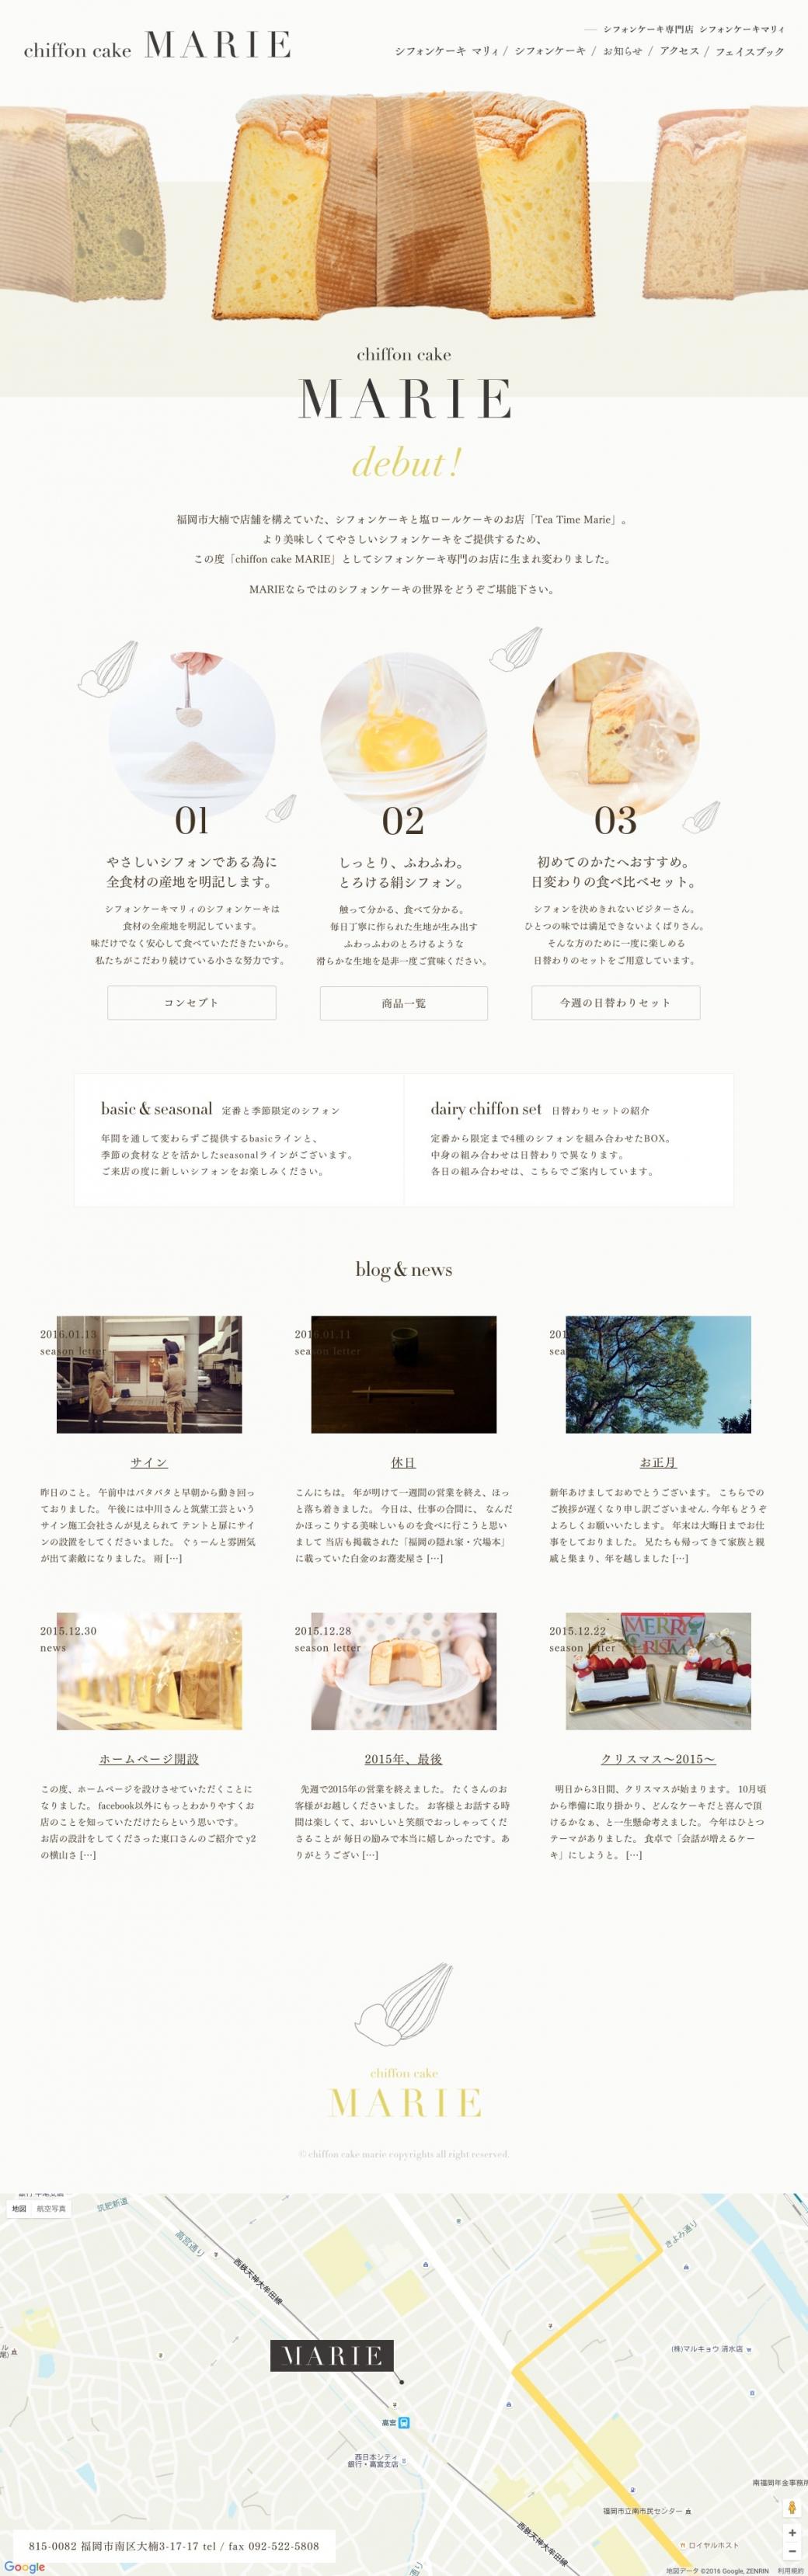 福岡のシフォンケーキ専門店 シフォンケーキマリィ(旧Tea Time Marie)